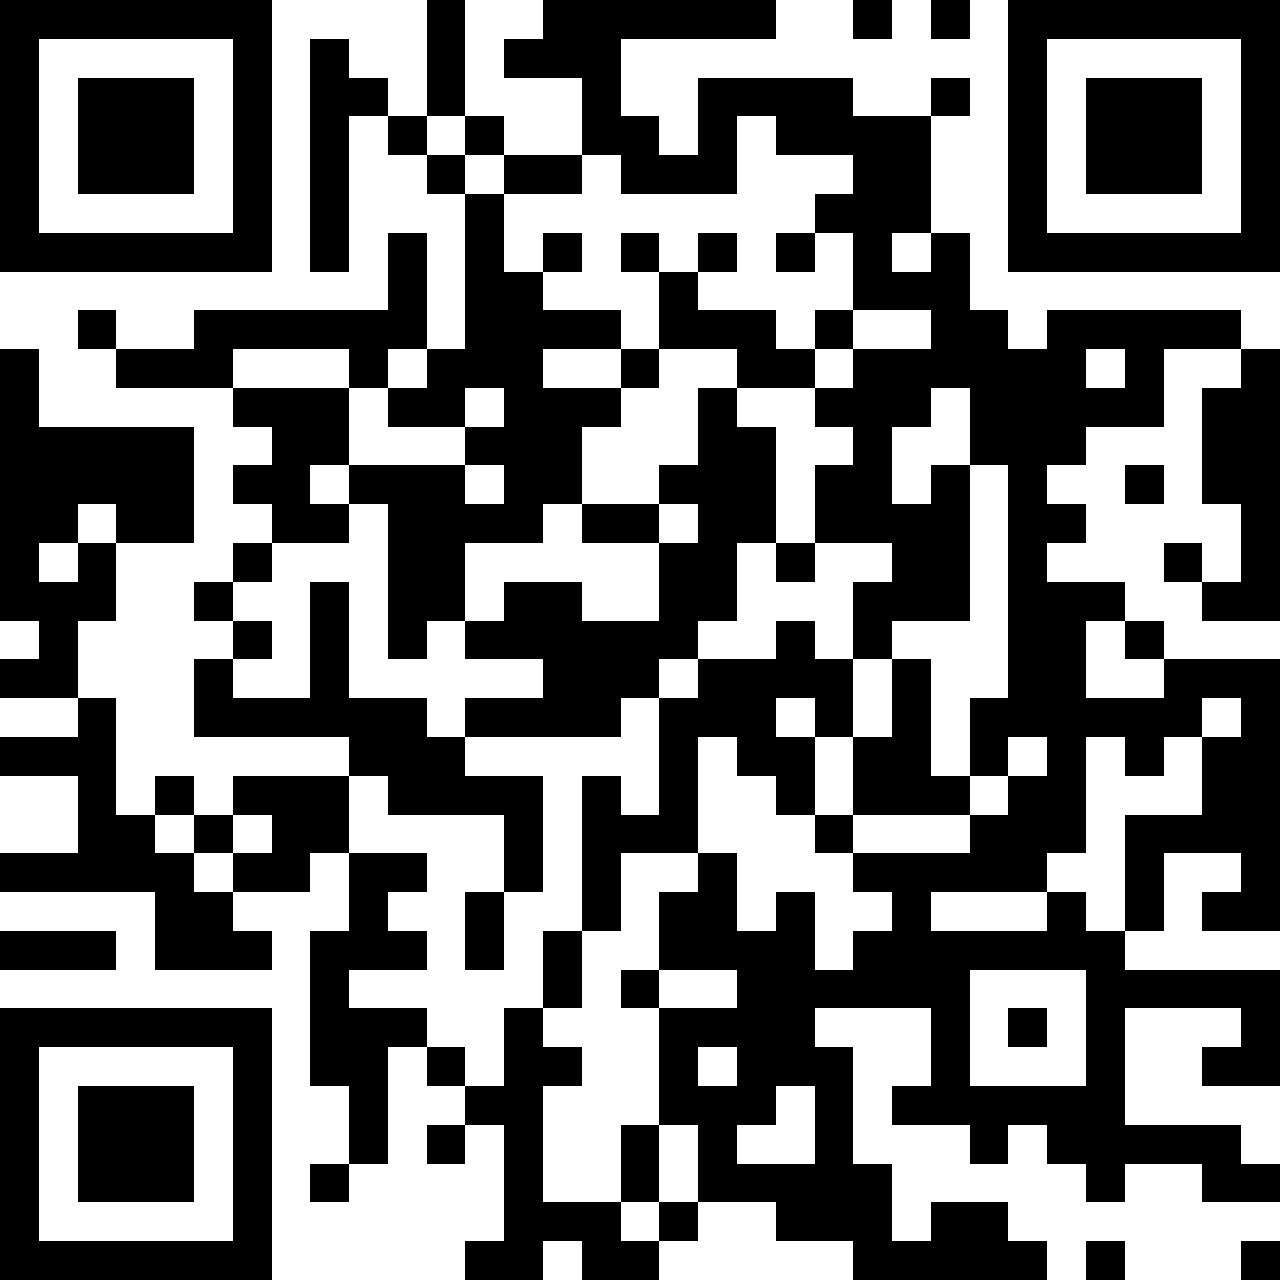 20191203 BJRC Registration code.png